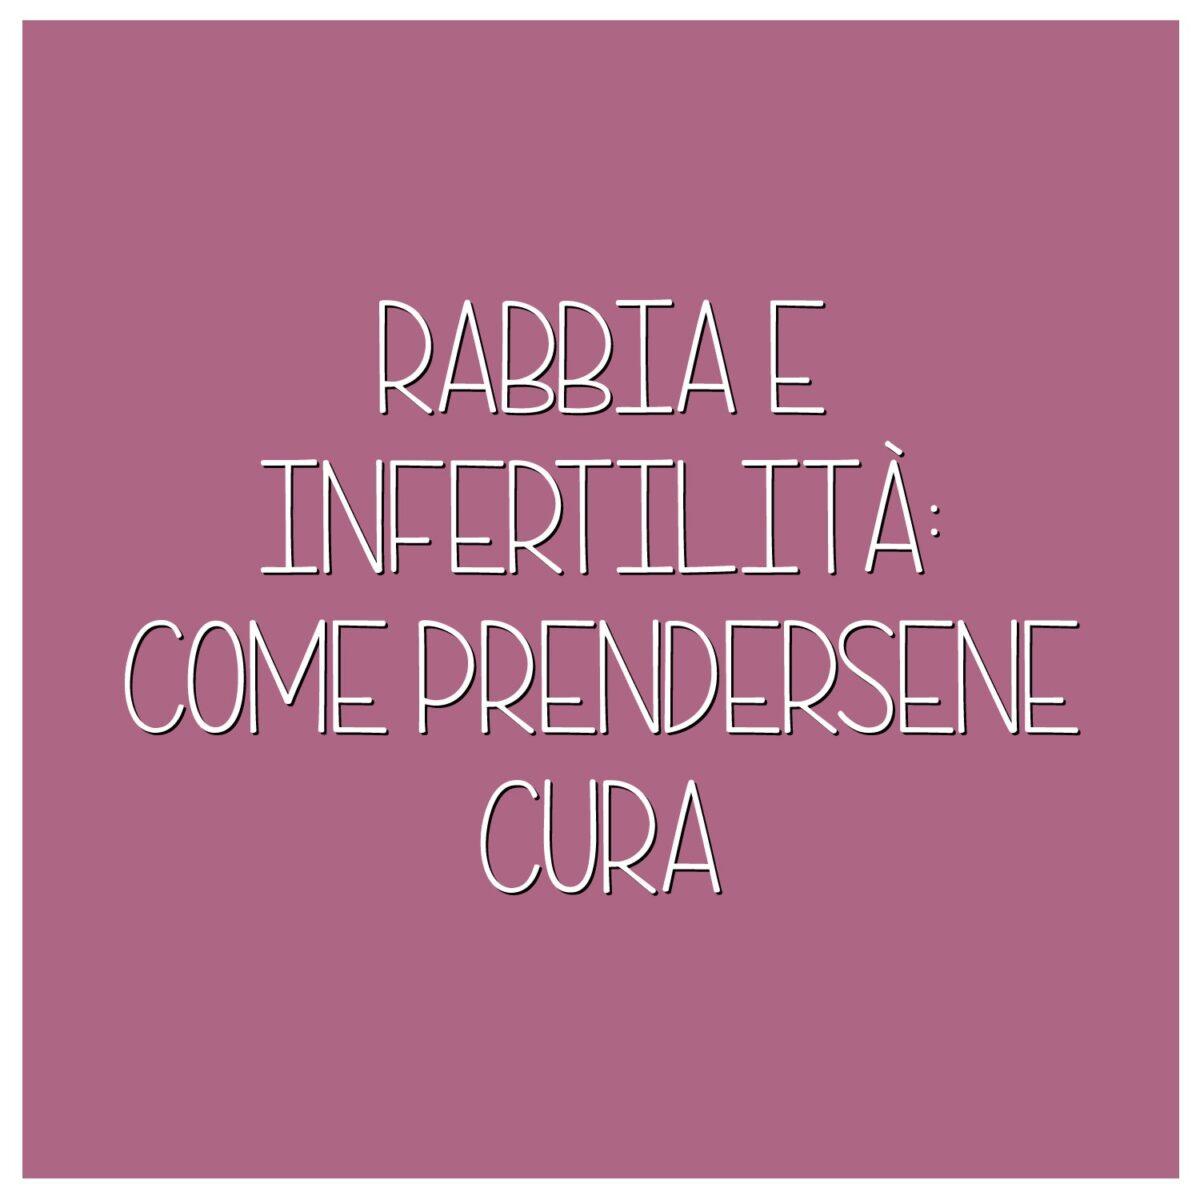 Rabbia-e-infertilità-come-prendersene-cura-1200x1200.jpeg